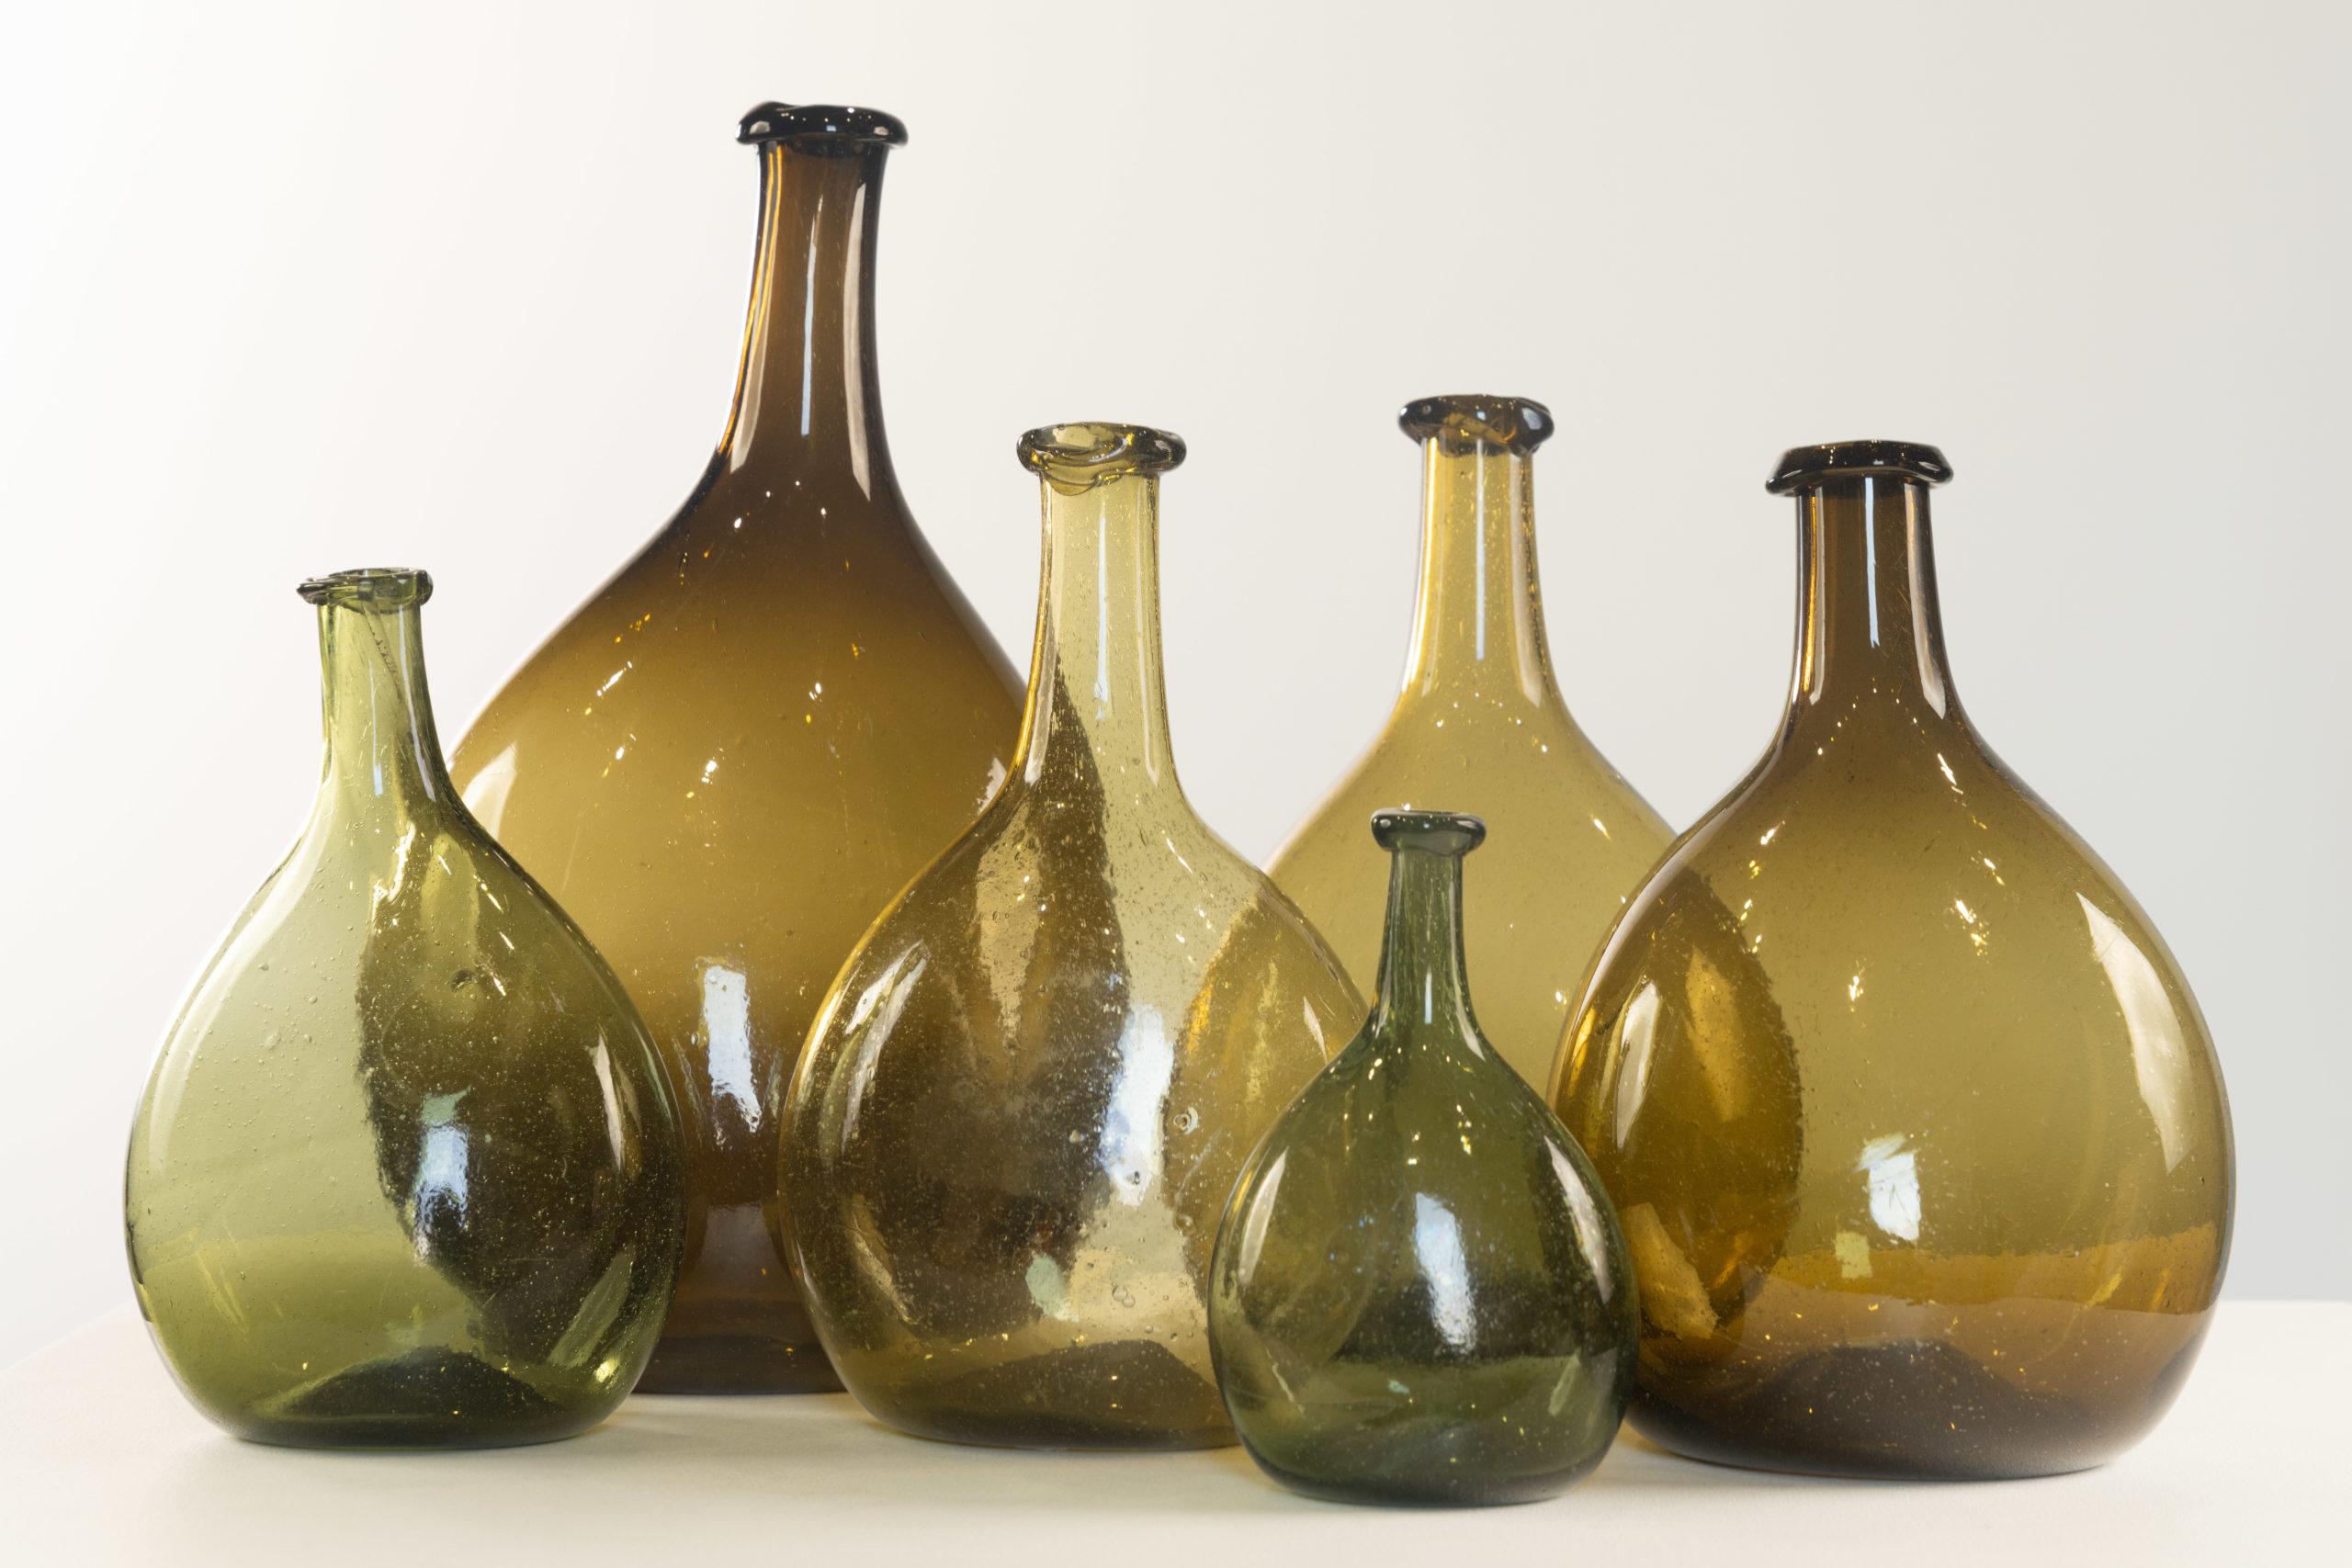 american glass chestnut bottles rel=